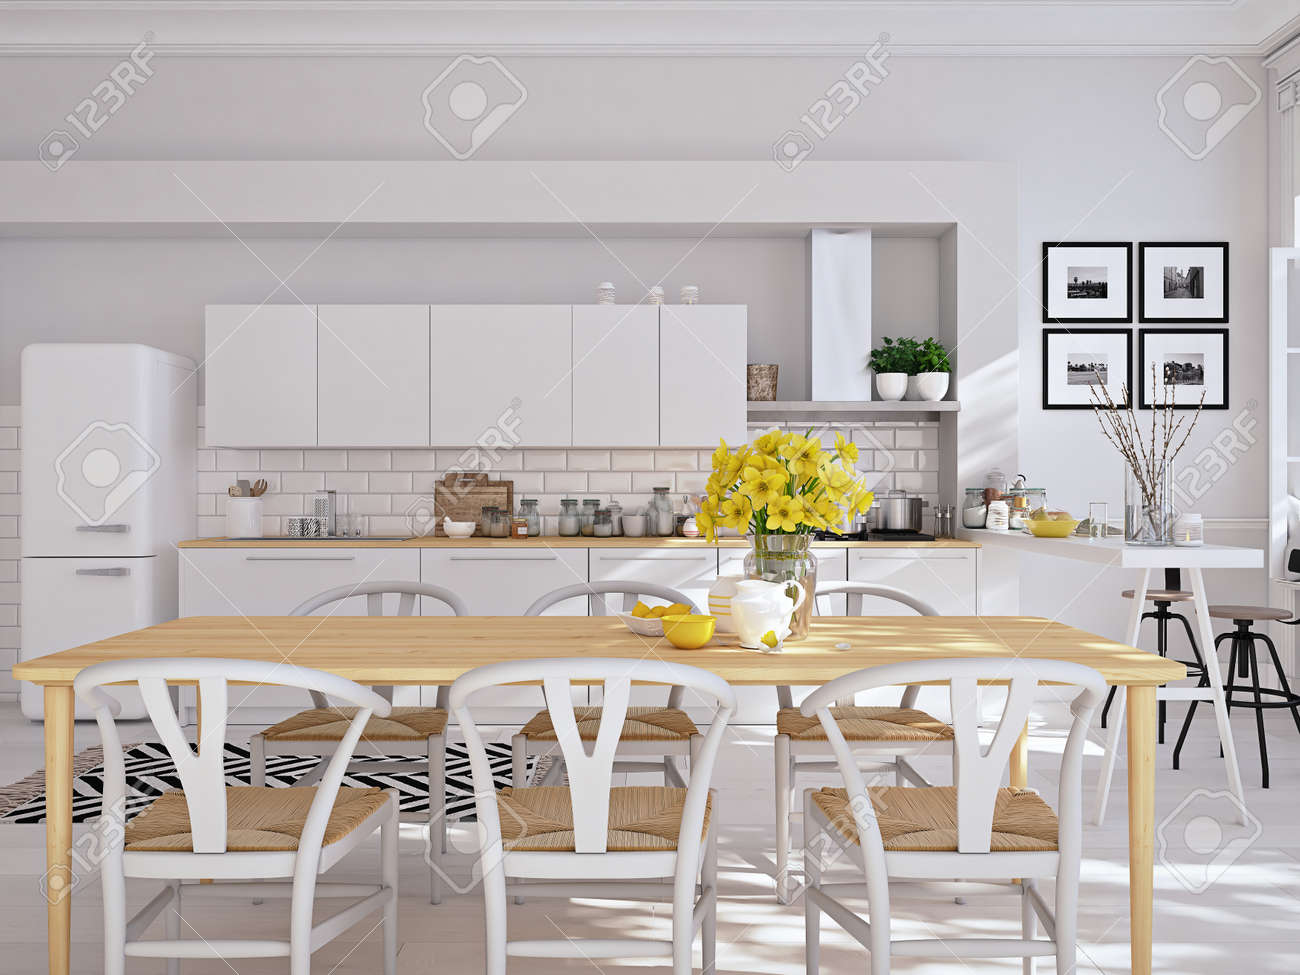 Nordische Küche | Moderne Nordische Kuche In Loft Wohnung 3d Rendering Lizenzfreie